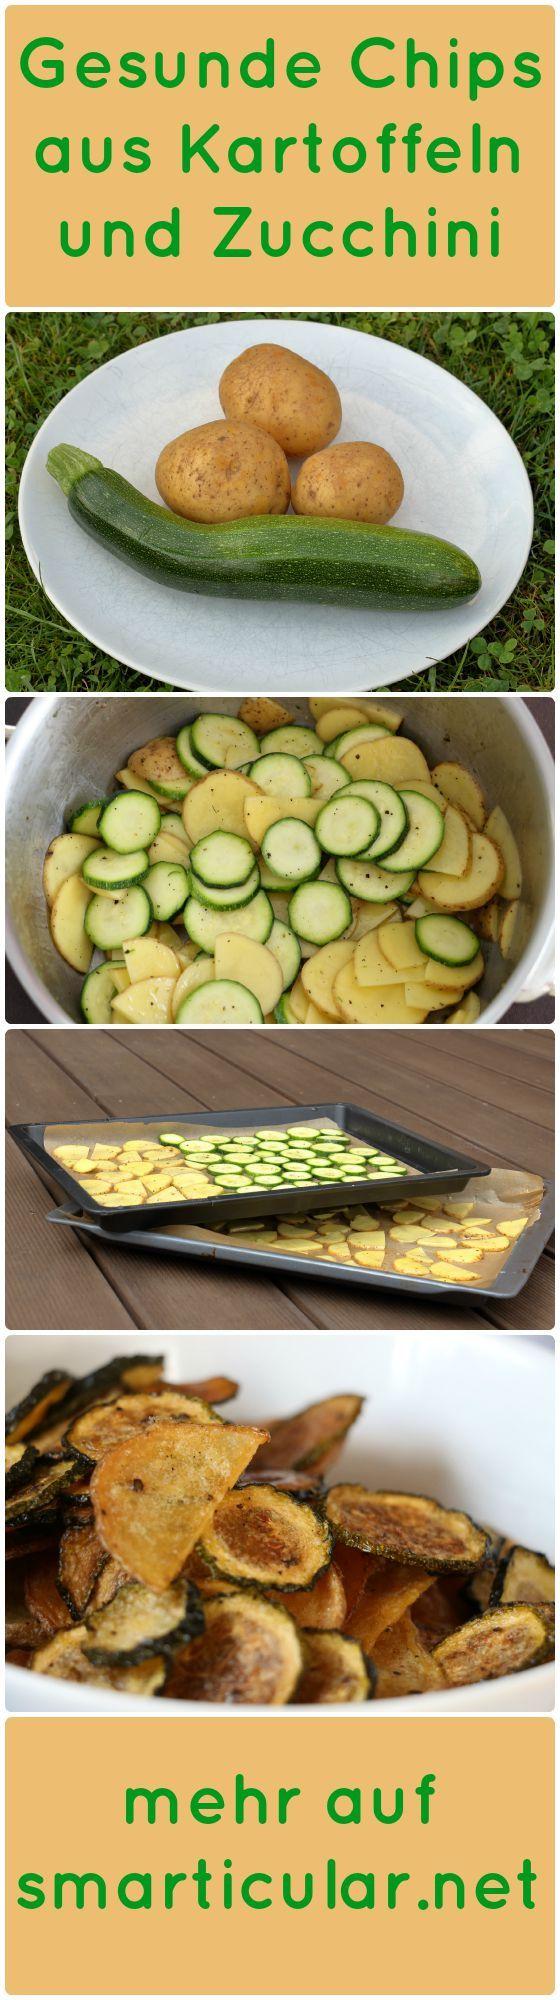 knackige chips aus kartoffeln und zucchini viel ges nder als aus dem laden k che und. Black Bedroom Furniture Sets. Home Design Ideas